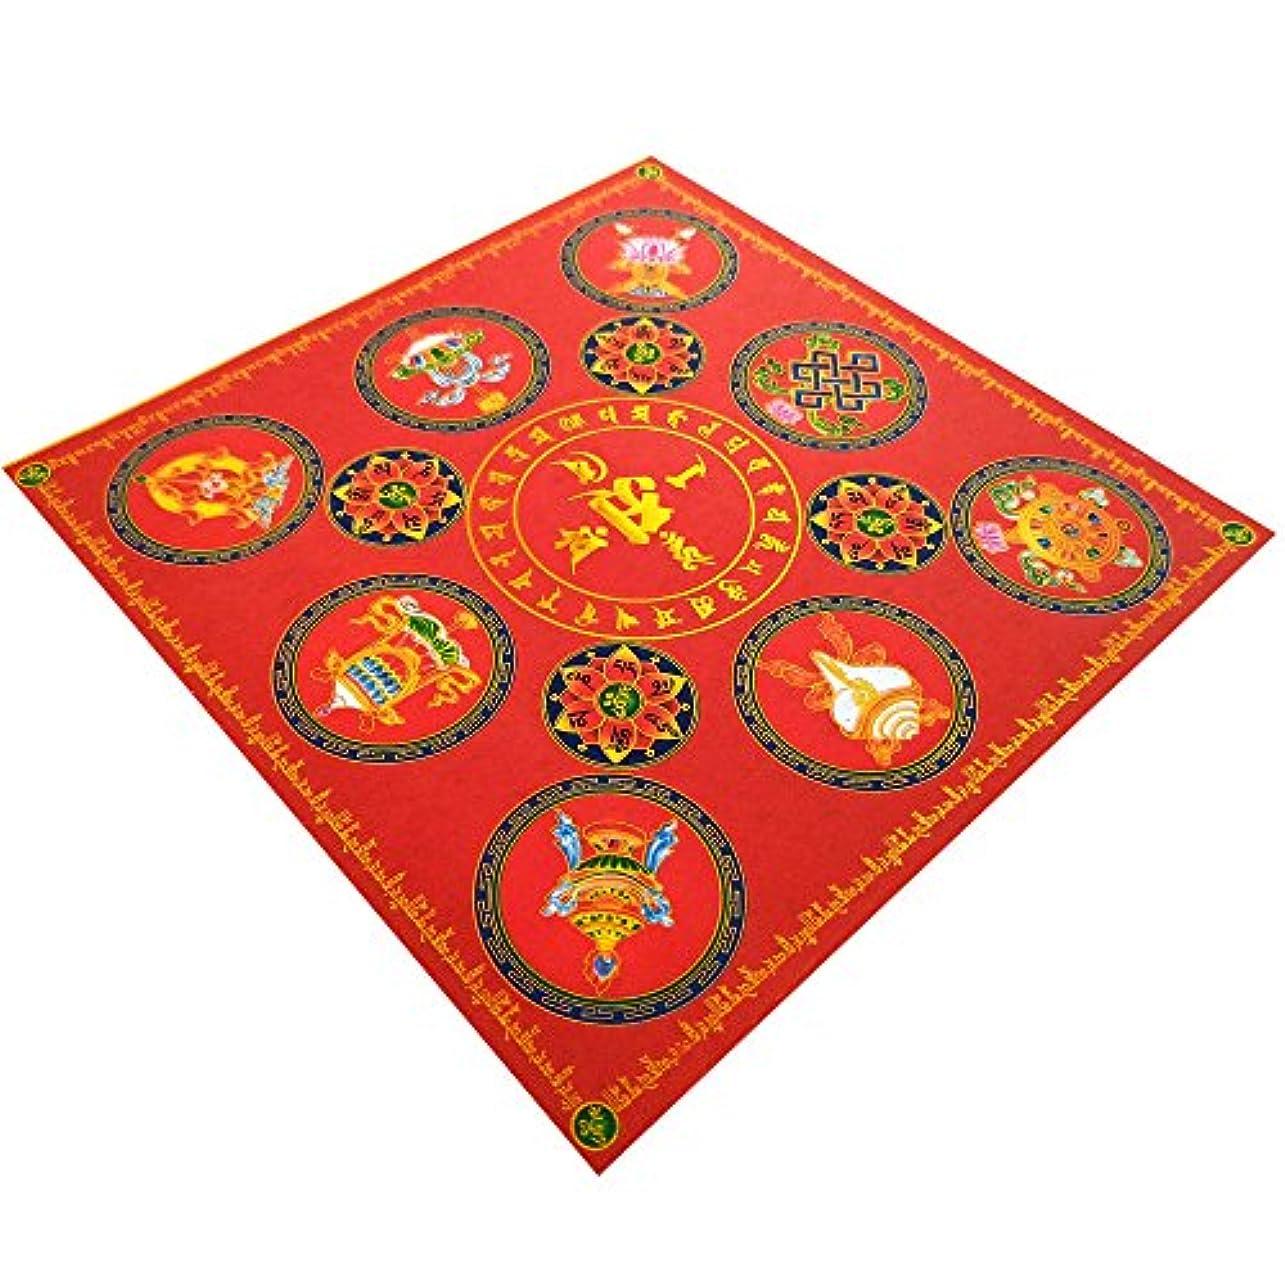 権威乳製品代表してzeestar祖先Incense用紙/ゴーストお金の祖先Praying 7.6インチx 7.6インチ、40個 – 吉祥(Lotus